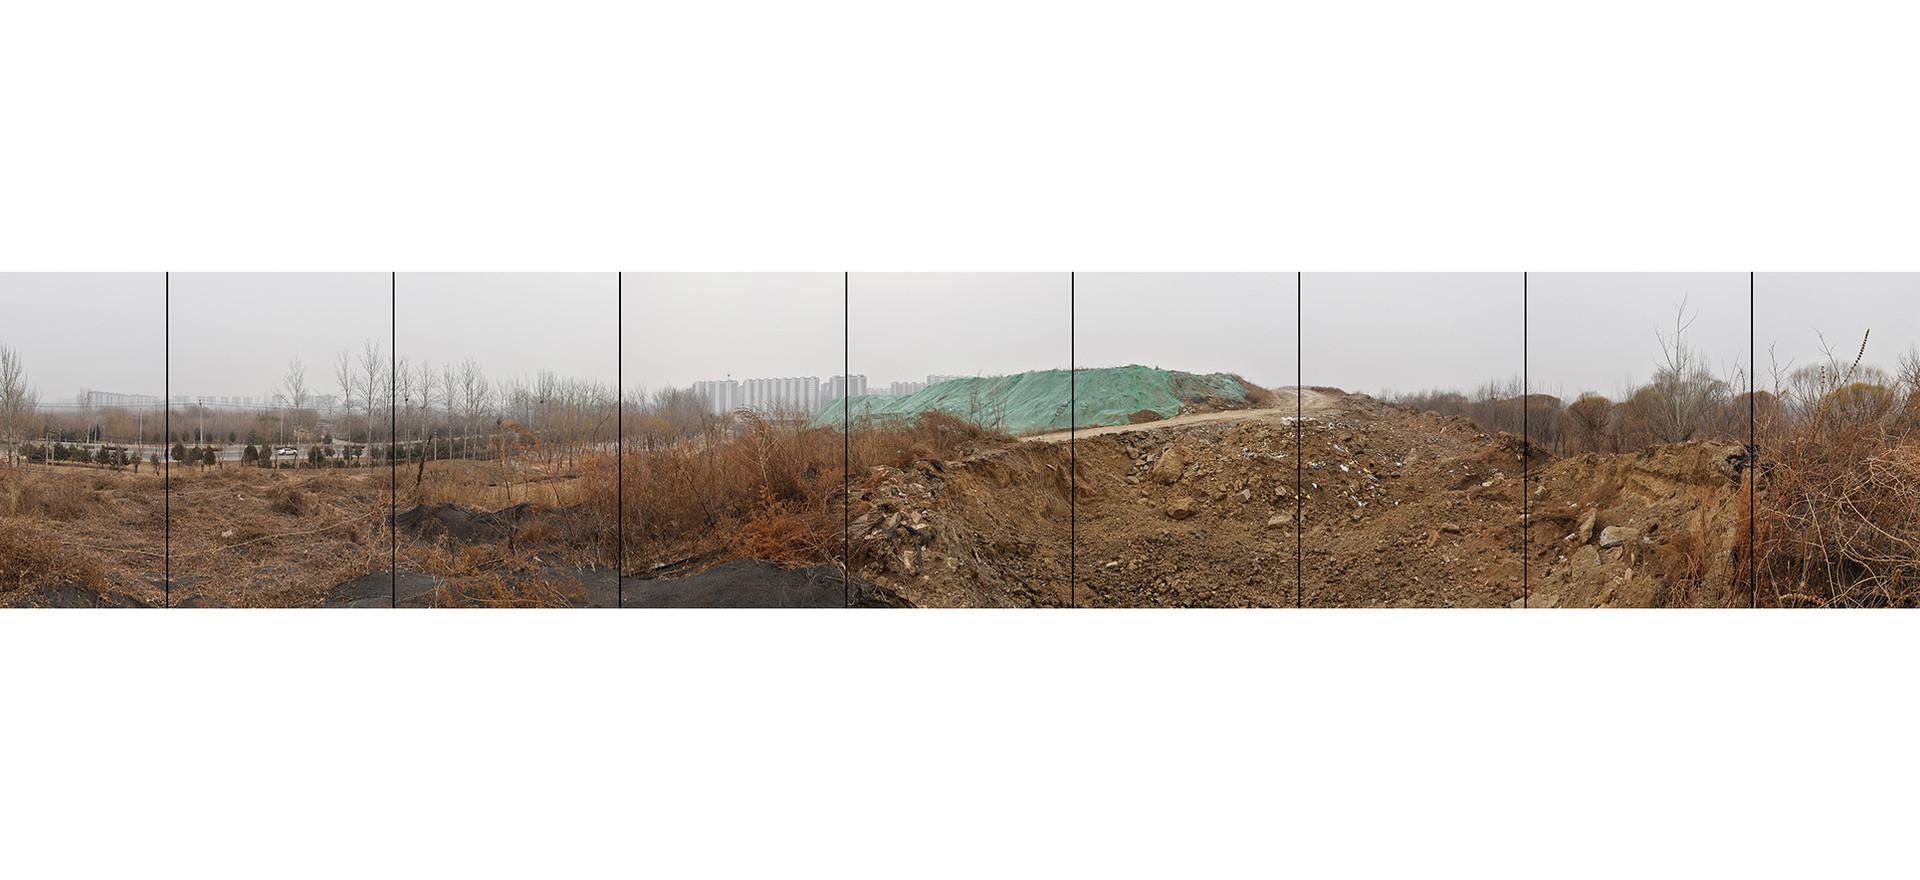 北京废墟27.jpg